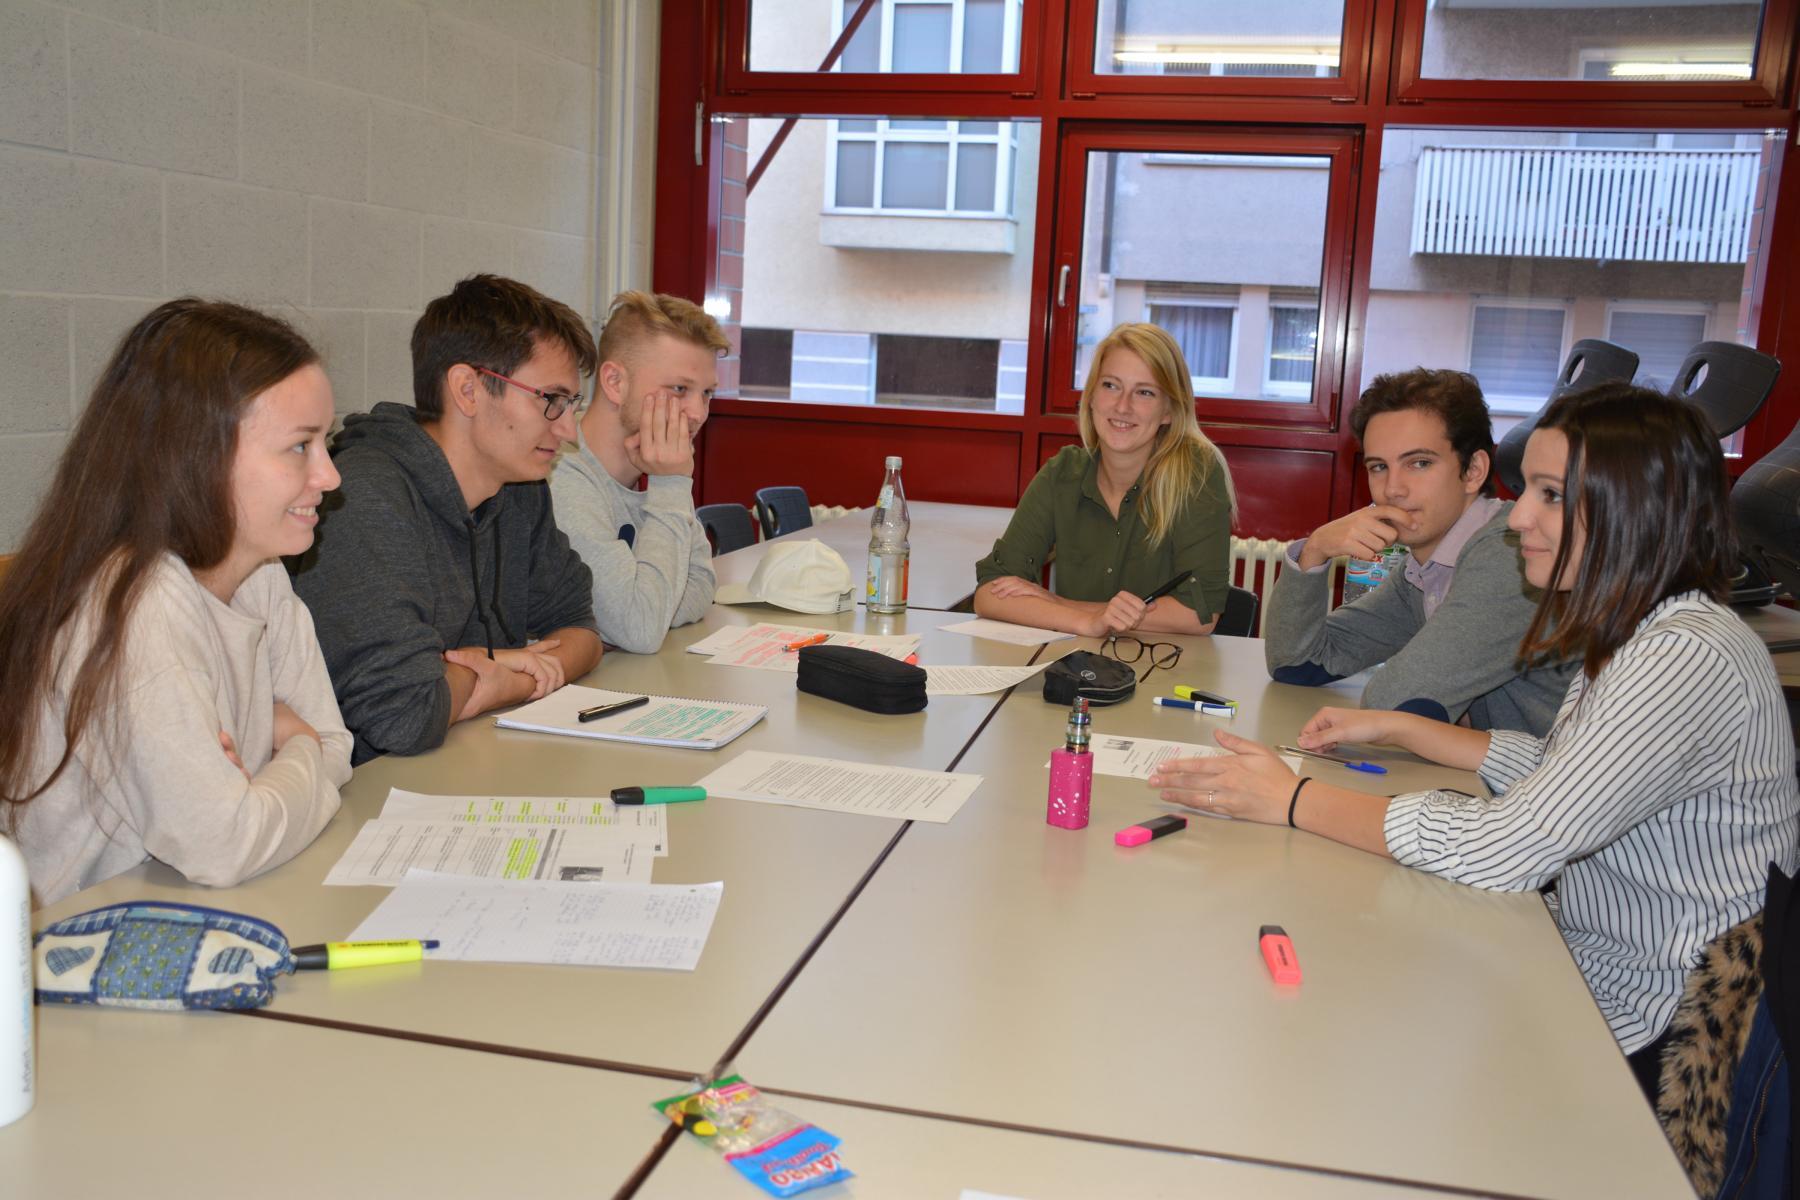 Projektarbeit in der Berufsschule